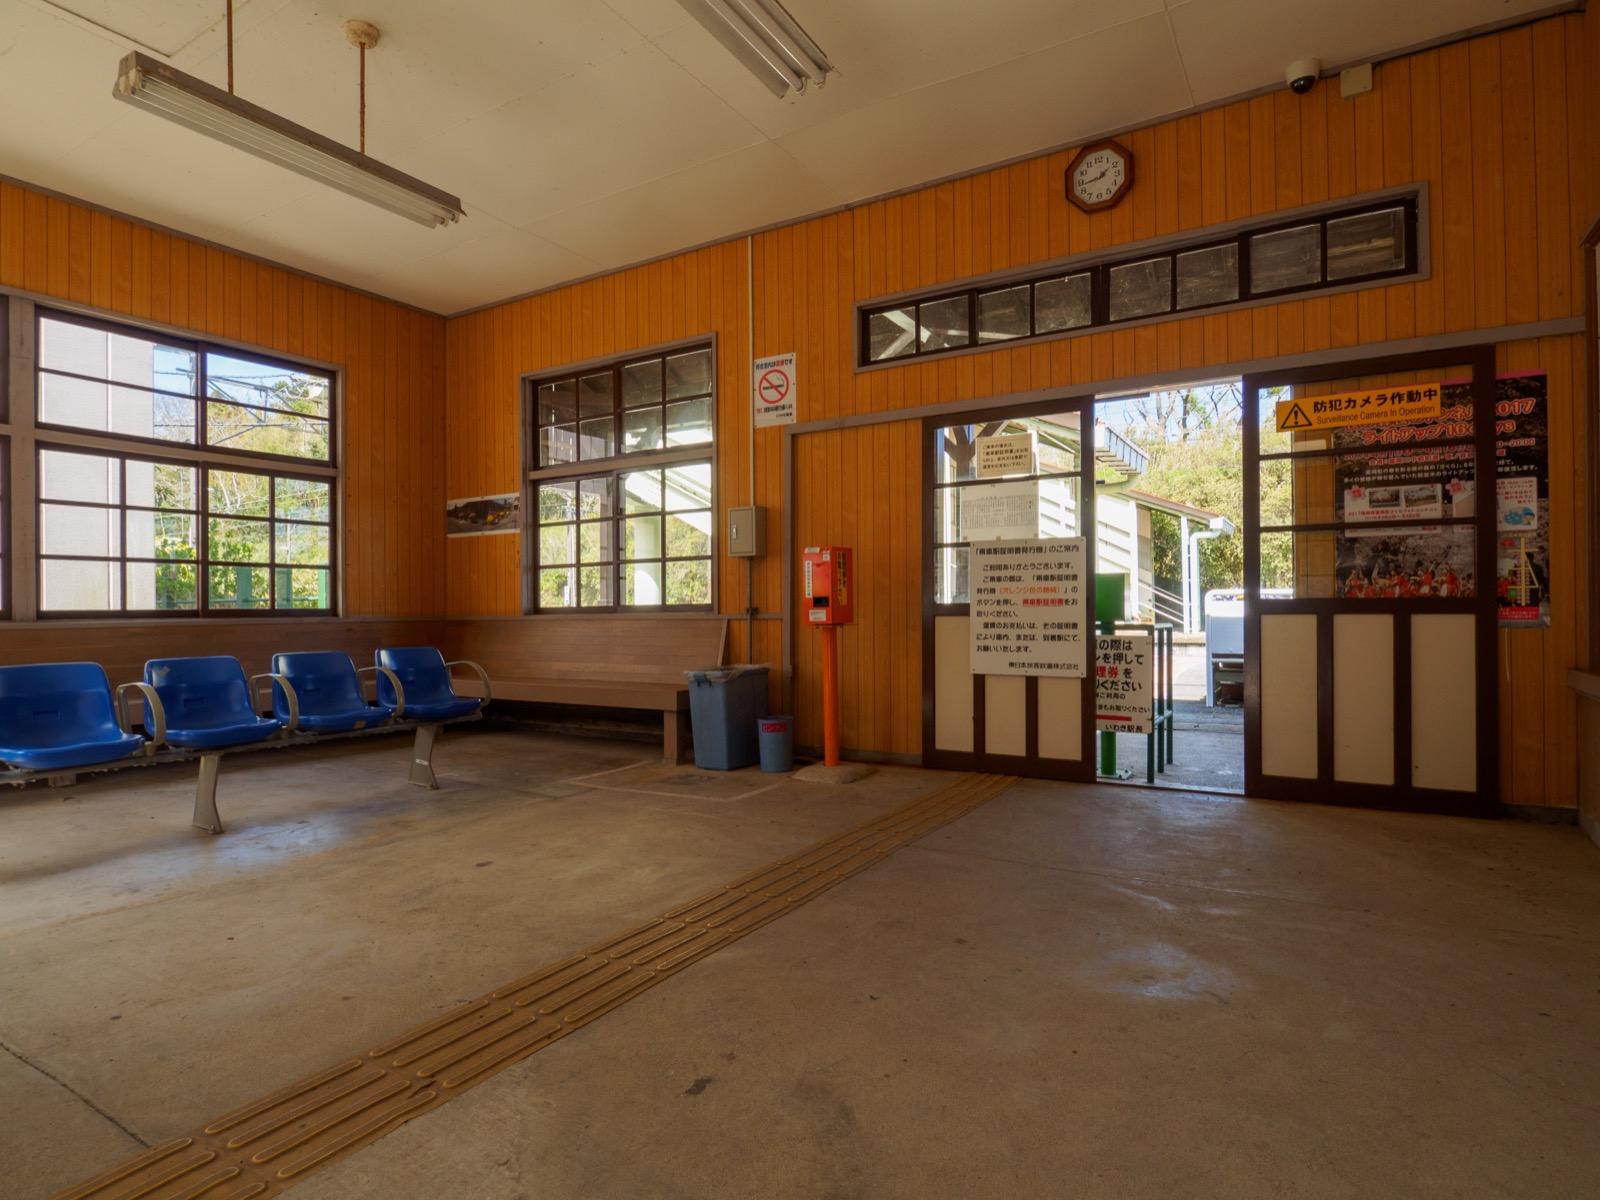 末続駅の駅舎内